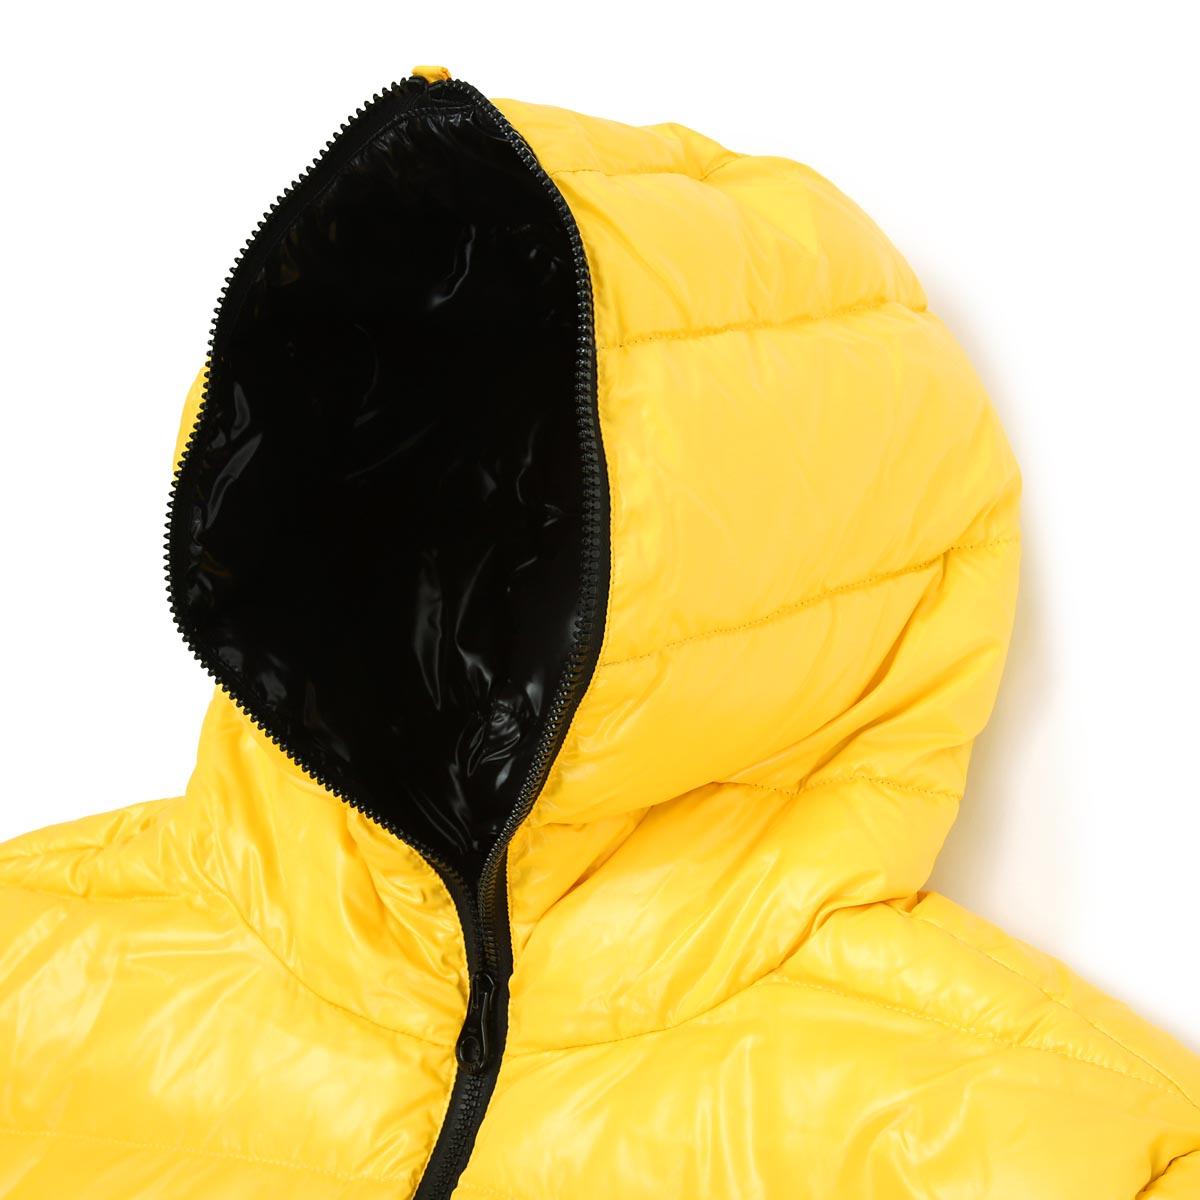 DUVETICA デュベティカ ダウンジャケット/DUBHEDUE【大きいサイズあり】 メンズ